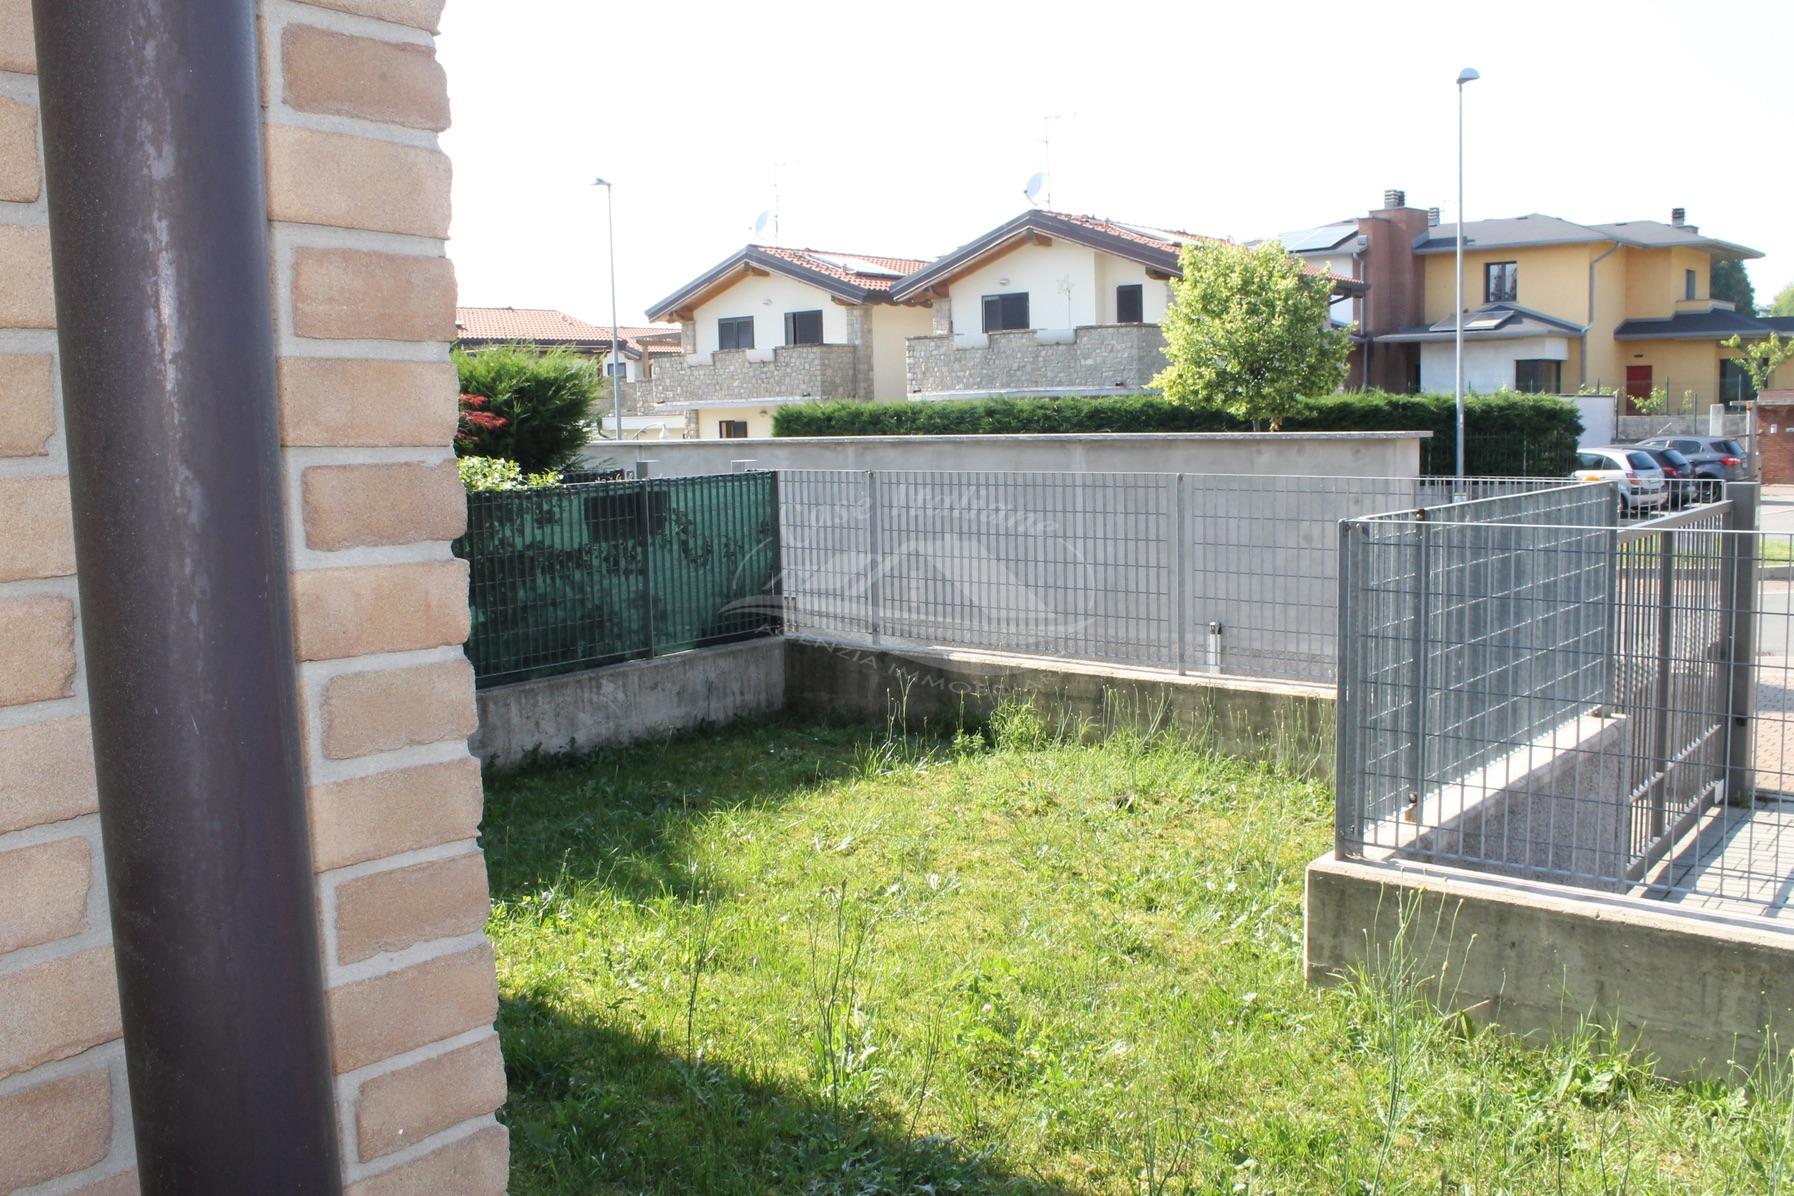 Bilocale con giardino a bregnano case italiane agenzia for Case italiane immobiliare